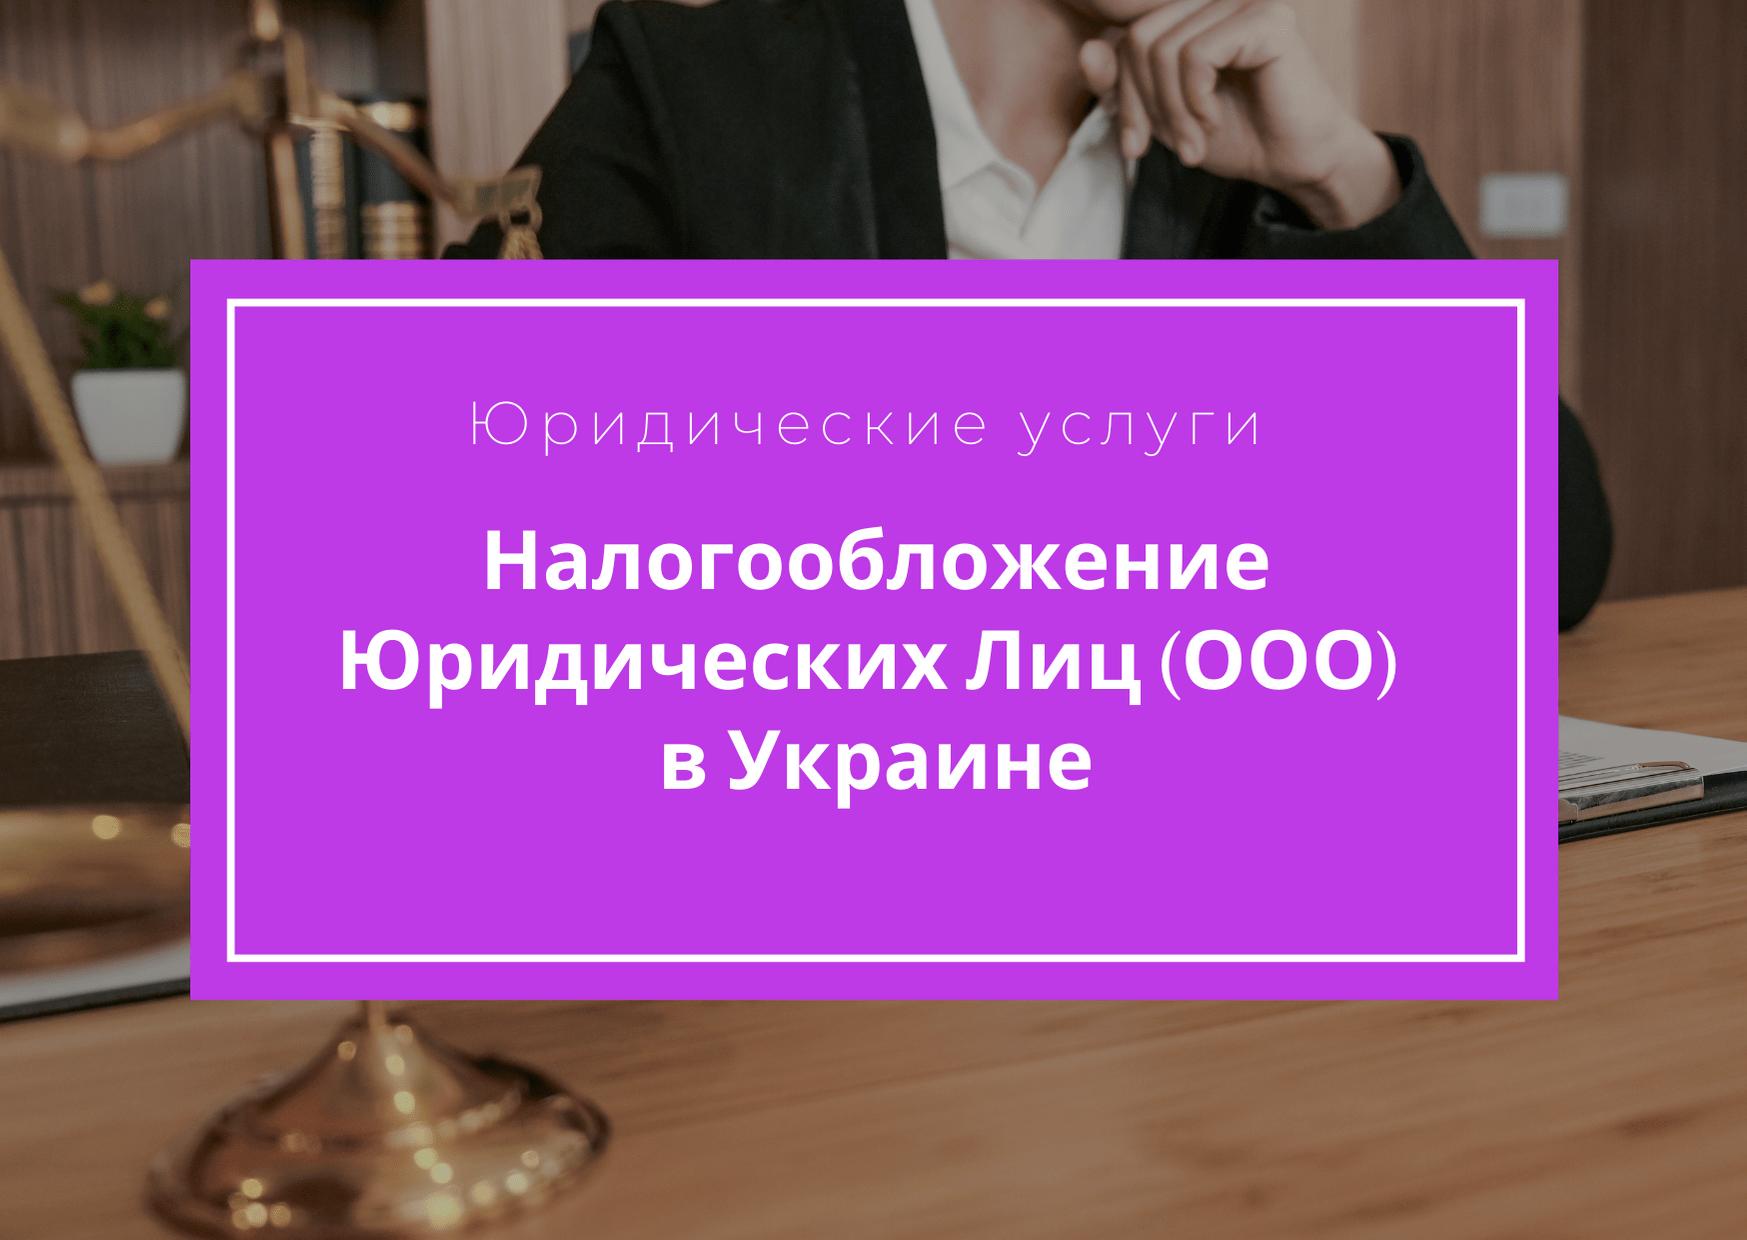 Налогообложение Юридических Лиц (ООО) в Украине